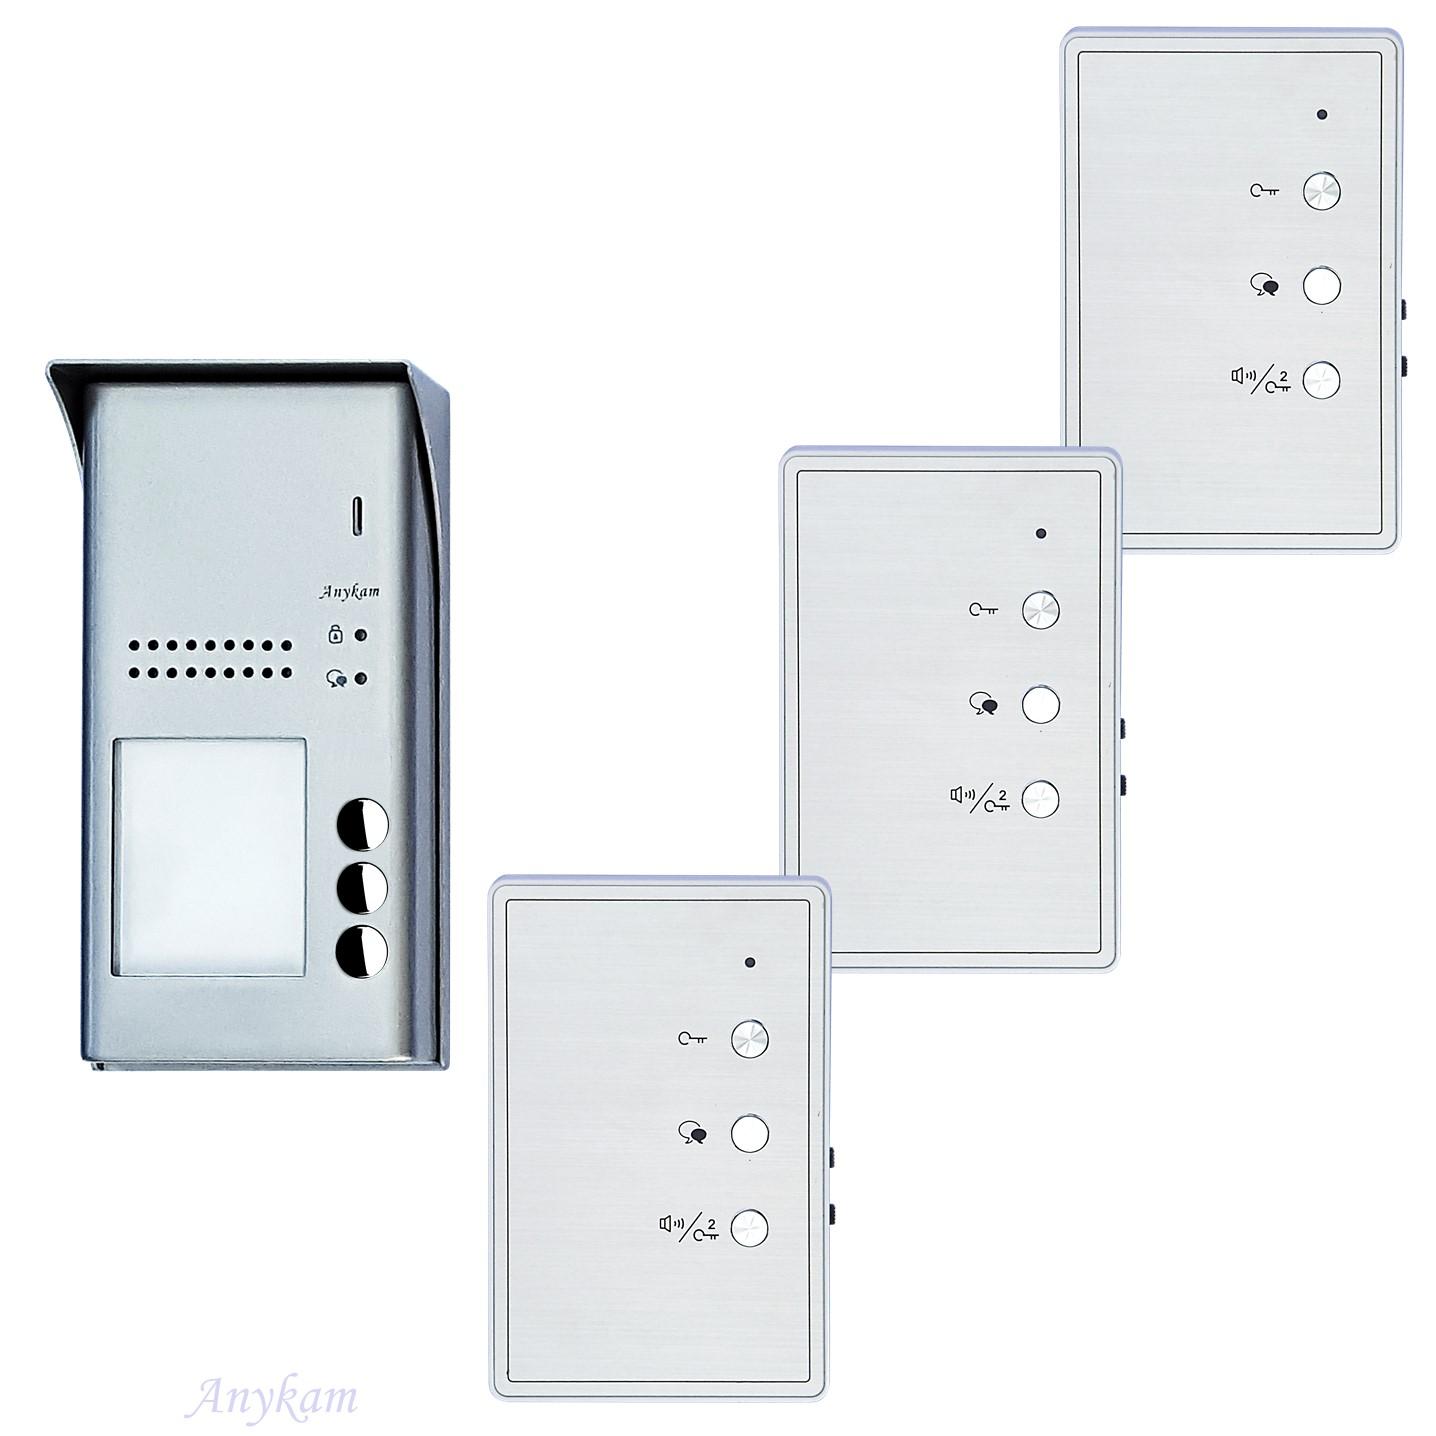 Design Türsprechanlage für Mehrfamilienhaus sprechanlage Gegensprechanlage Klingelanlage Interfon mit 2-Draht Technik